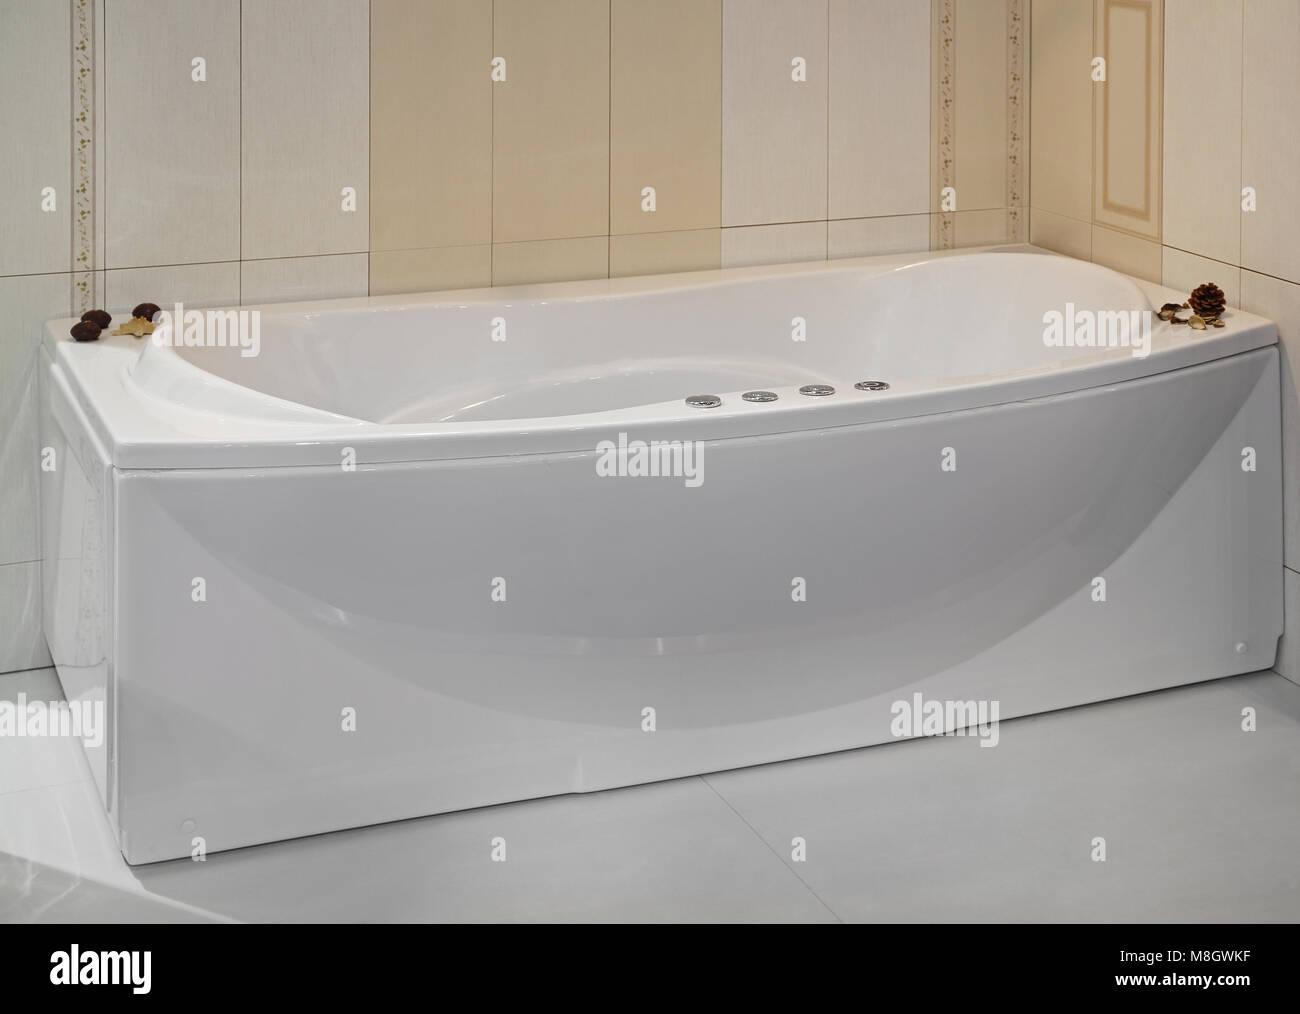 Sala Da Bagno Stile Contemporaneo : Vasca da bagno in stile contemporaneo con i controlli nella stanza